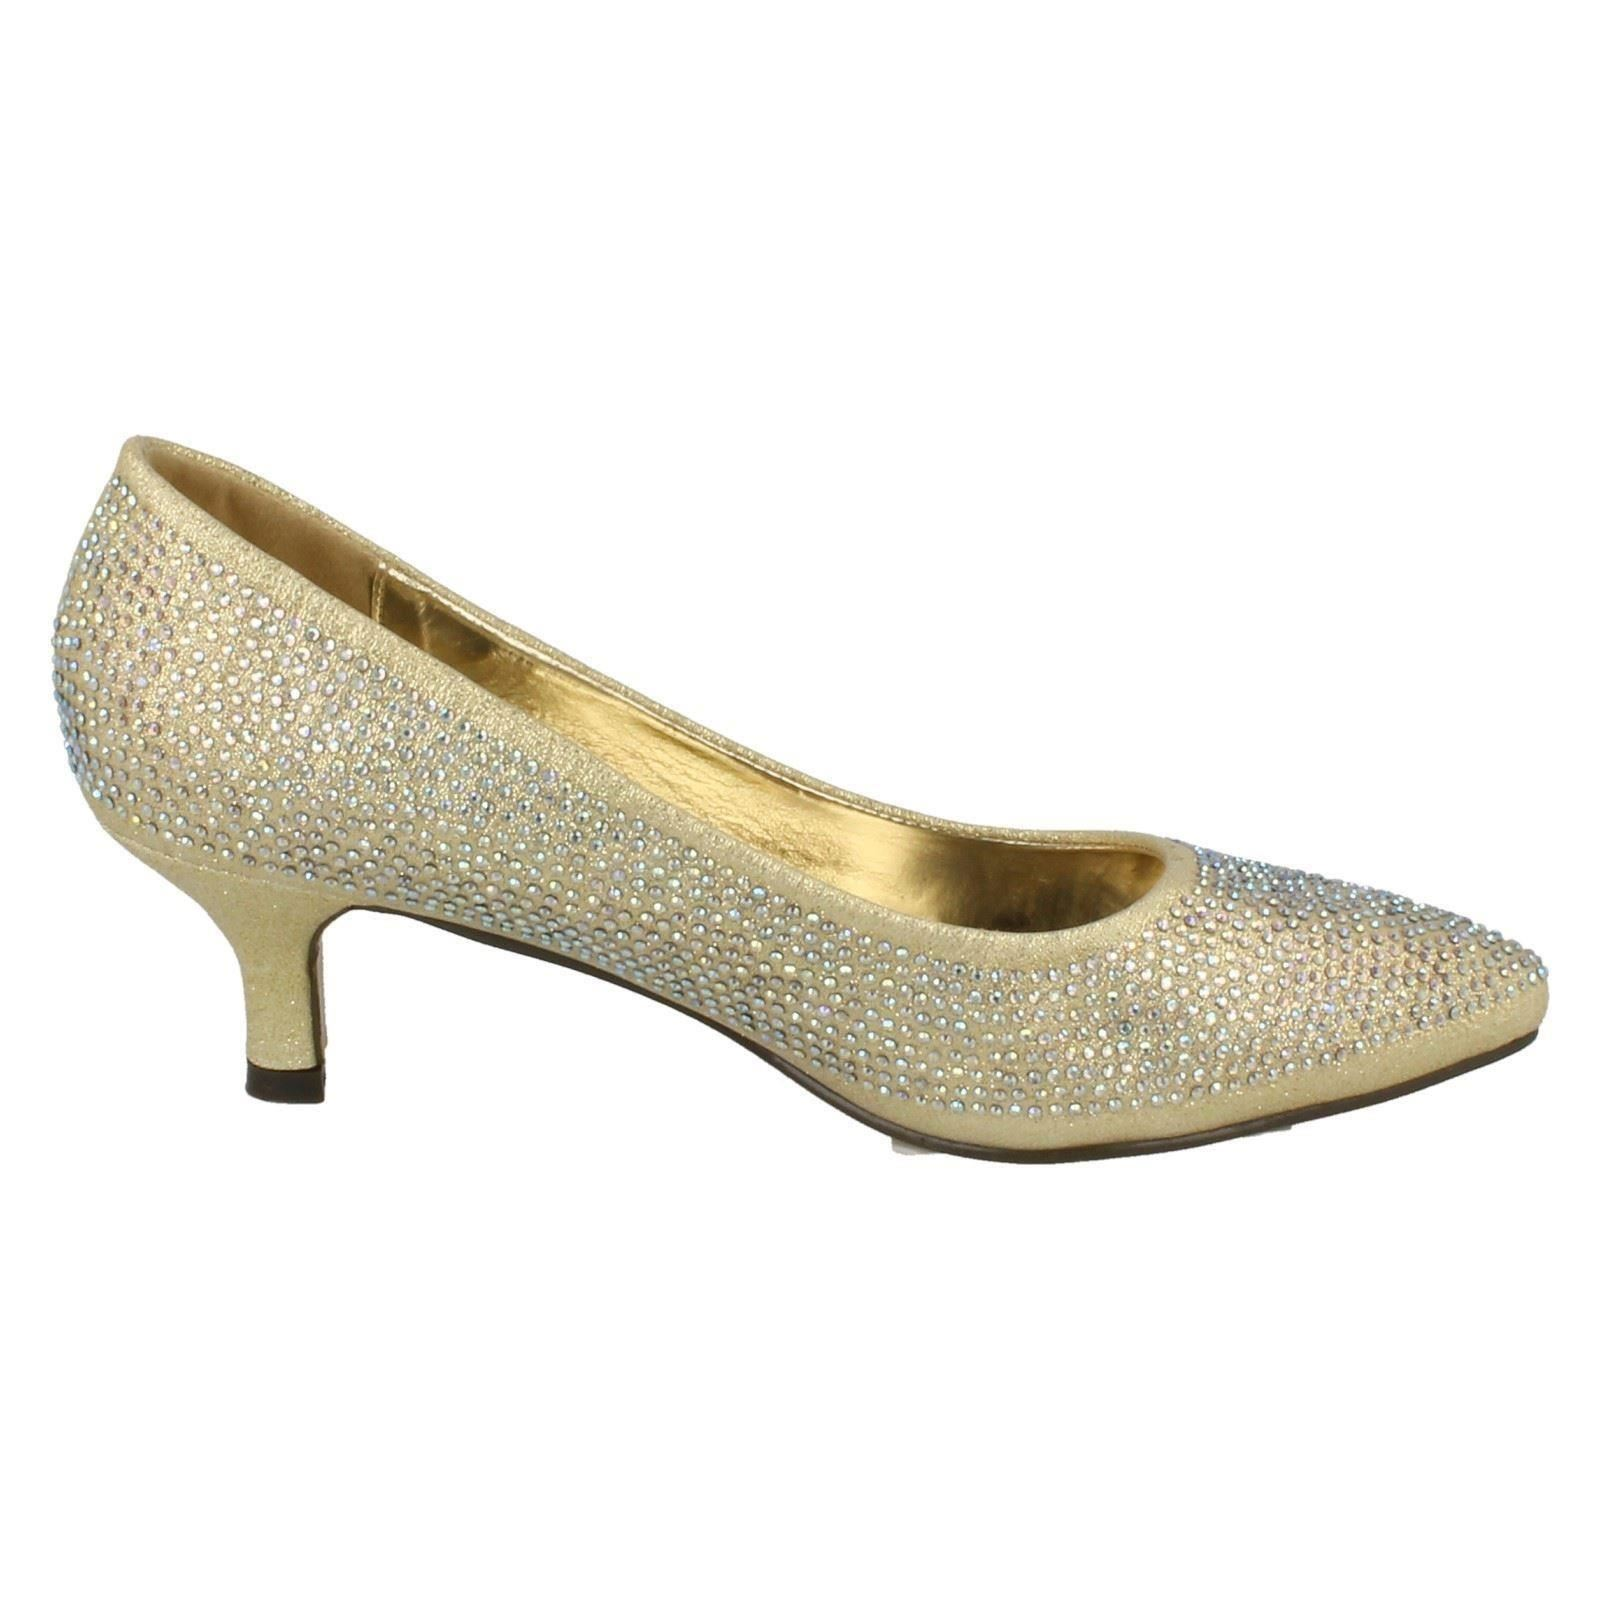 Ladies-Anne-Michelle-Diamante-Low-Heel-Court-Shoes thumbnail 17